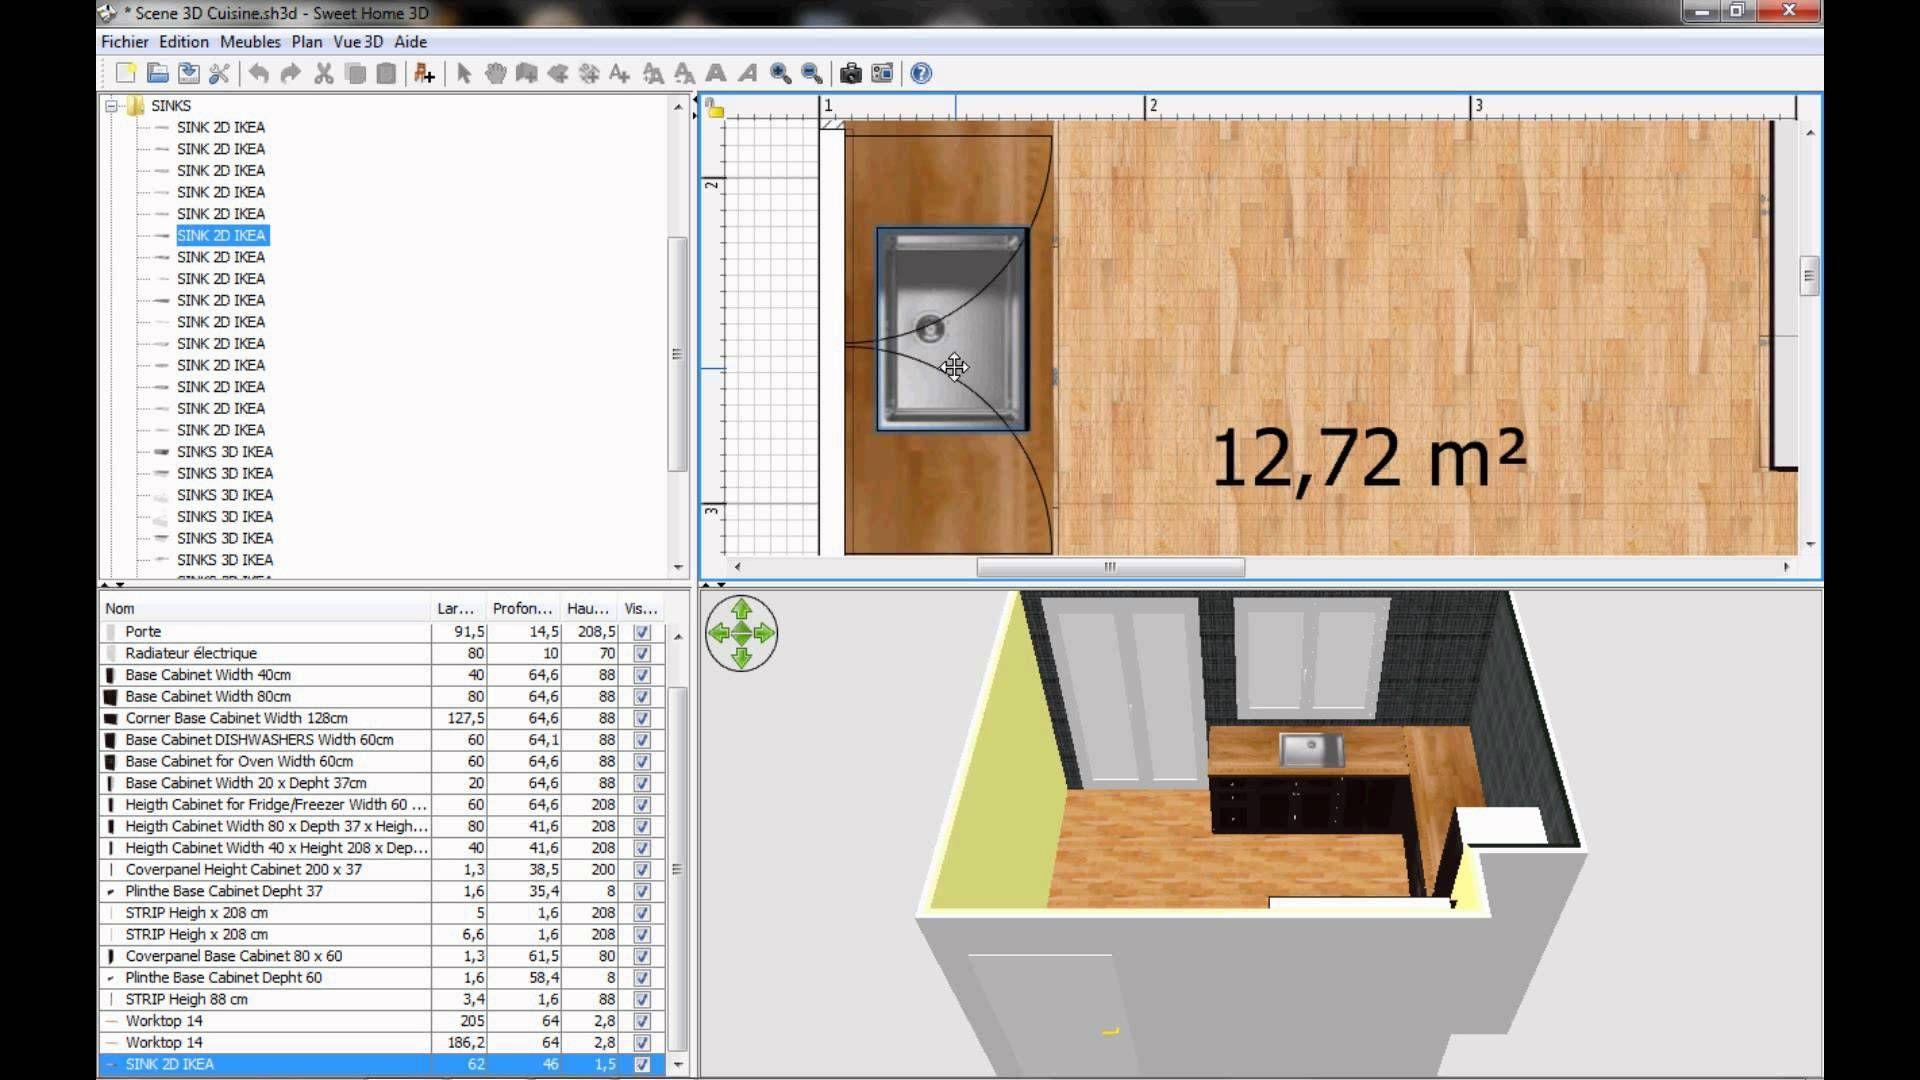 Epingle Par Micheline Lagace Deco La Re Sur Logiciel De Creativite Et Design Avec Images Plan Maison Plan De Masse Maison Permis De Construire